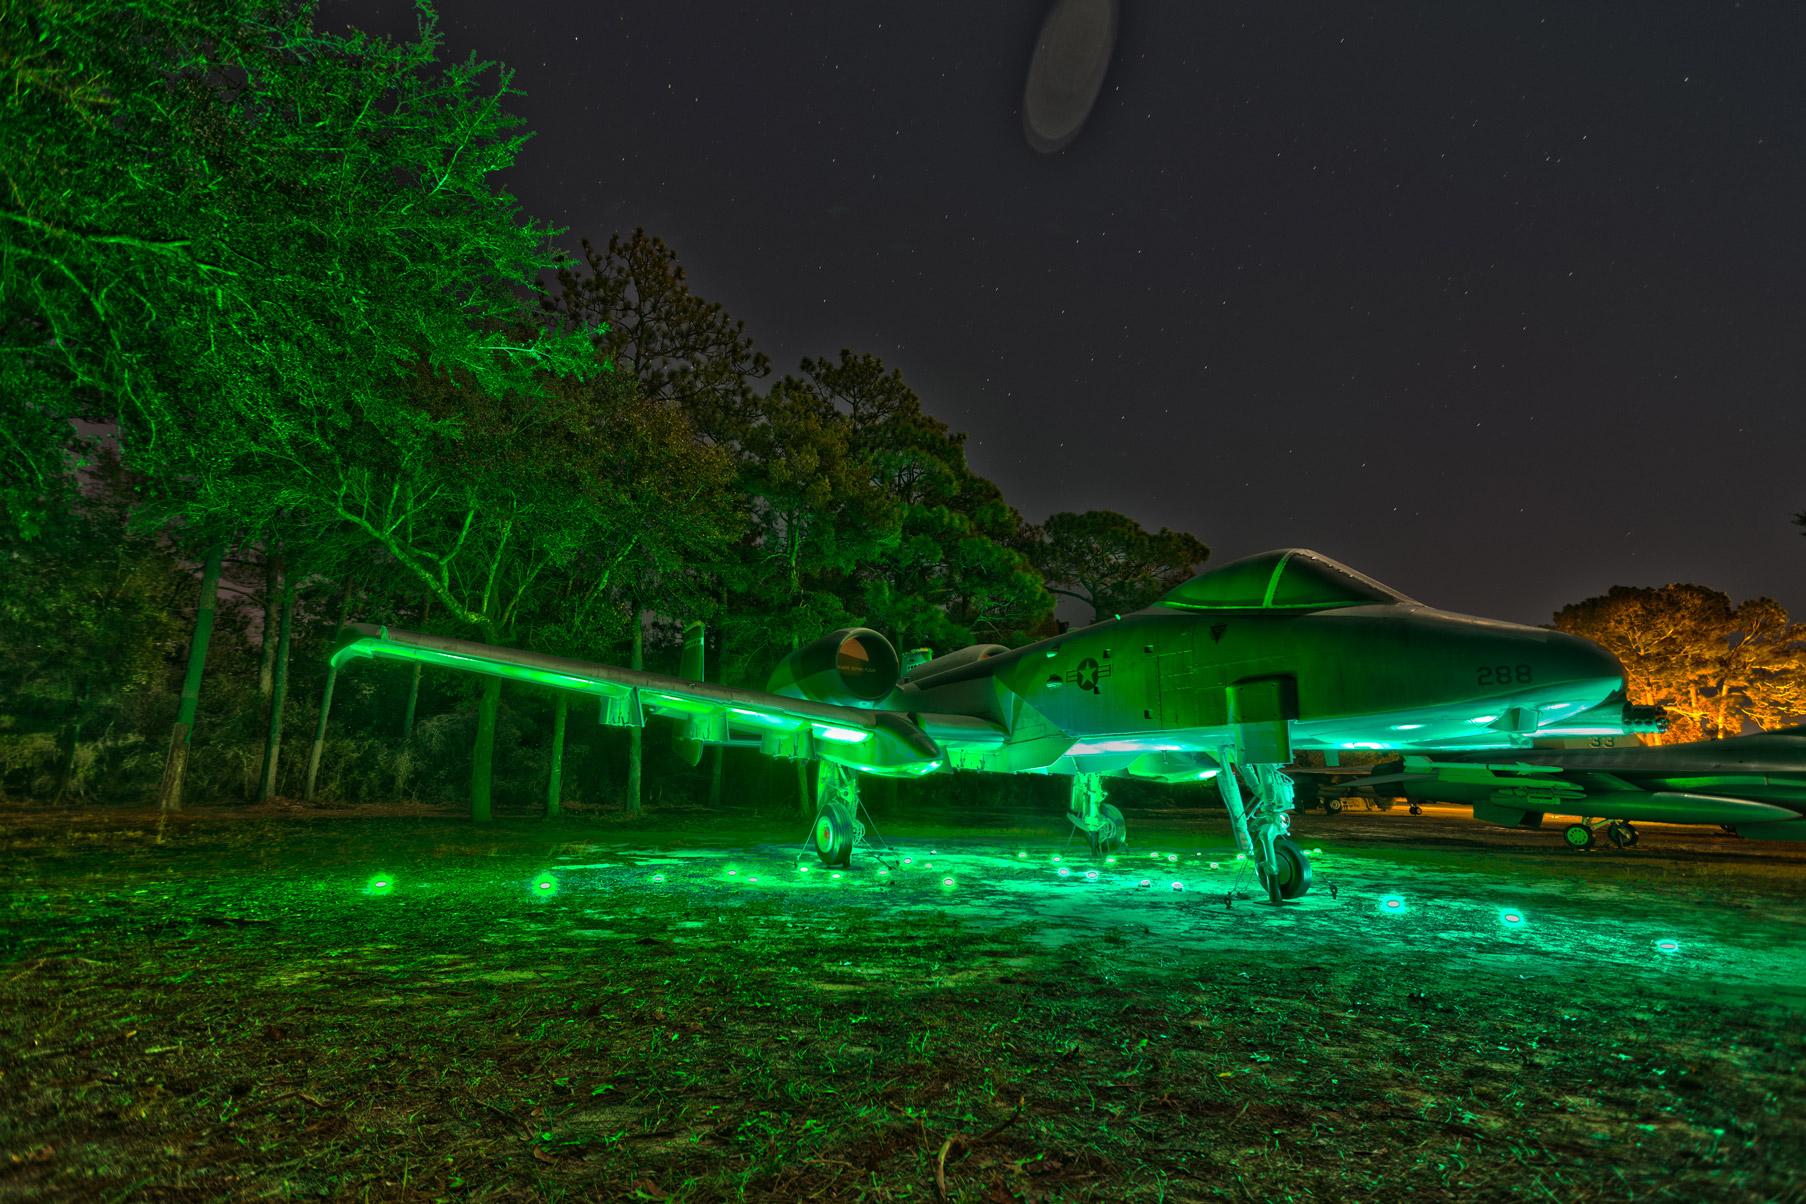 A-10 Thunderbolt Green Light